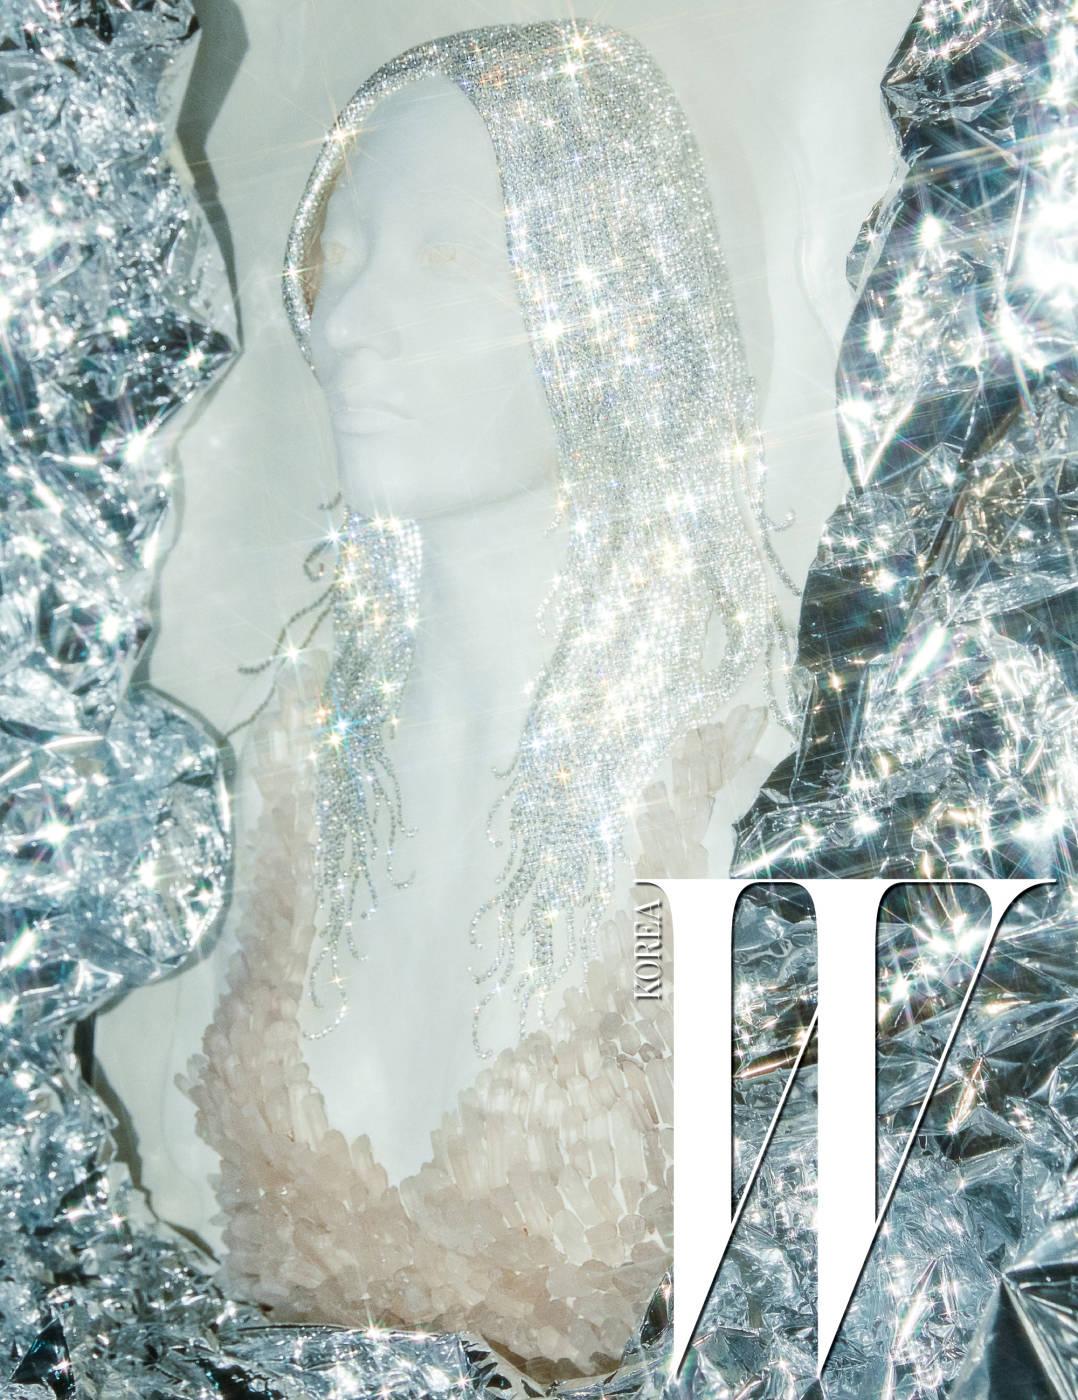 김성헌, 'Crystal' FRP에 수정 원석, 스와로브스키 크리스털, 53x75cm, 2016